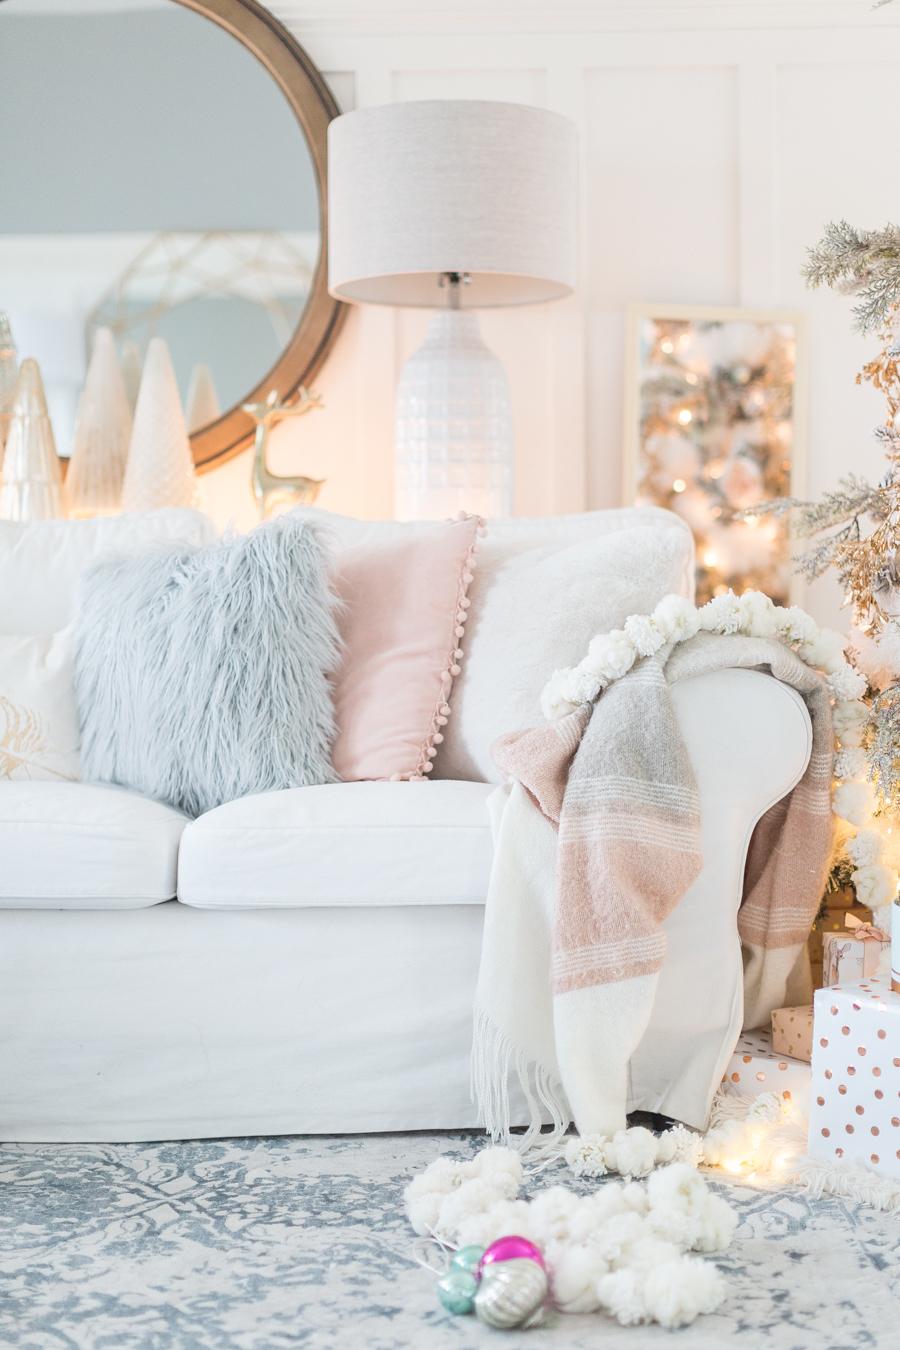 Tolle Ideen für helle Deko Weihnachten